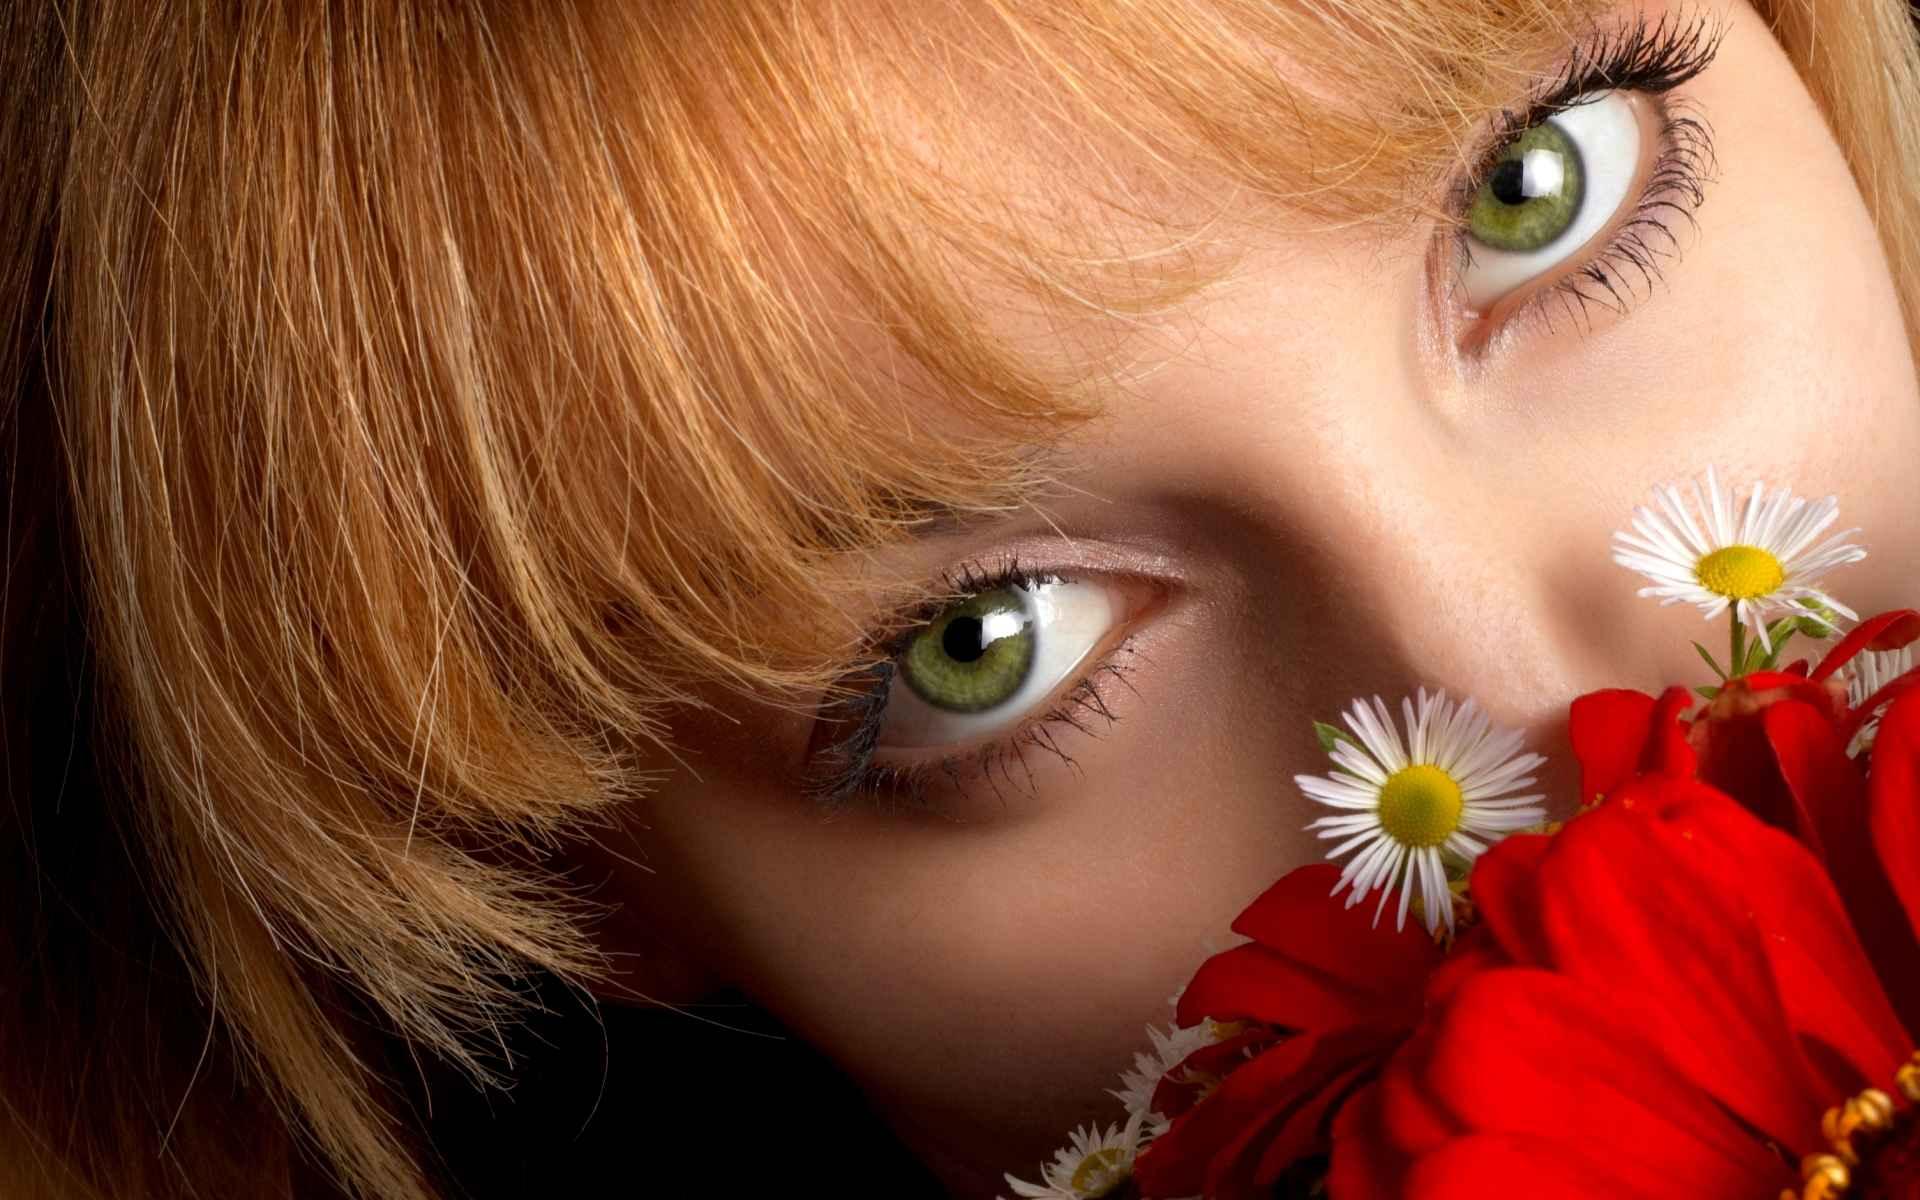 اهمیت چشم مراقبت از چشم سلامت چشم مشکل چشم